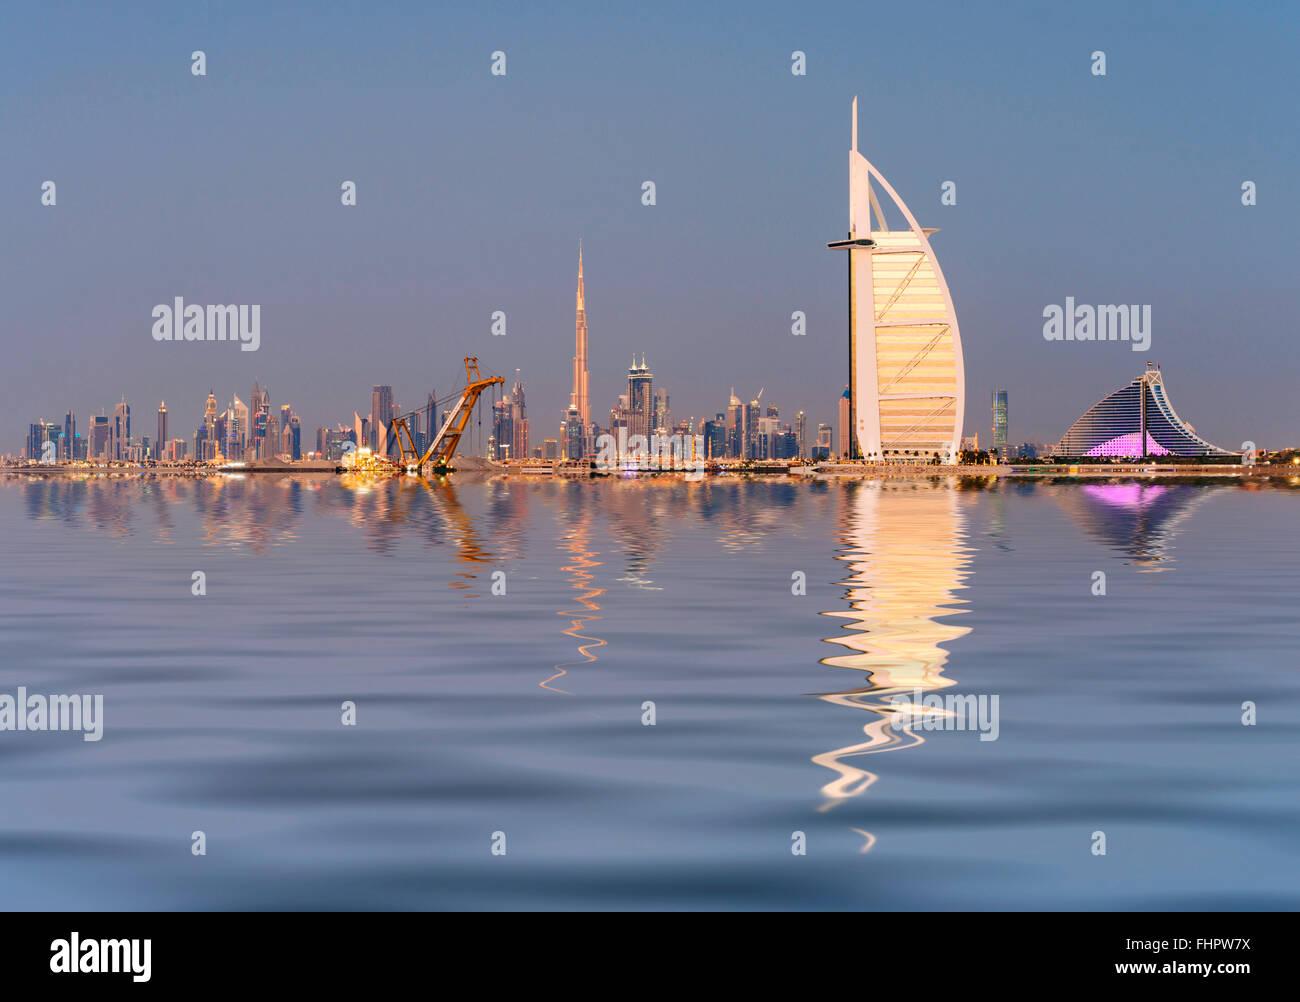 Skyline von Dubai Waterfront mit Burj al Arab Hotel in Vereinigte Arabische Emirate Stockbild